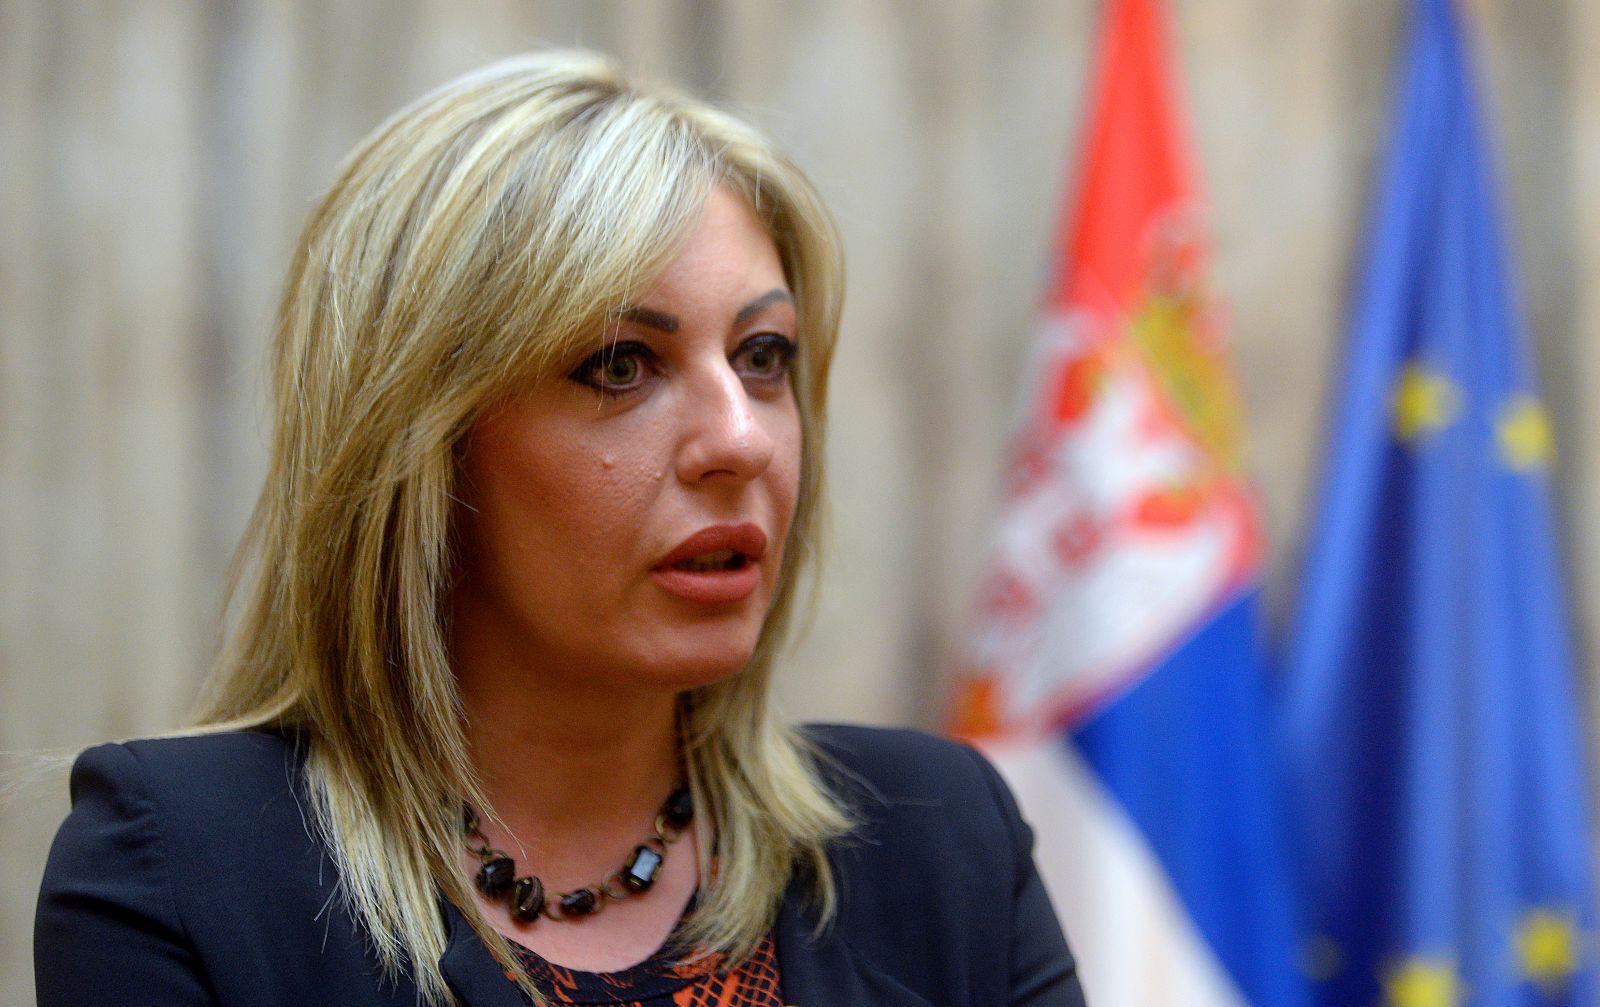 Ј. Јоксимовић: Малициозно je рећи да нема основа за отварање поглавља